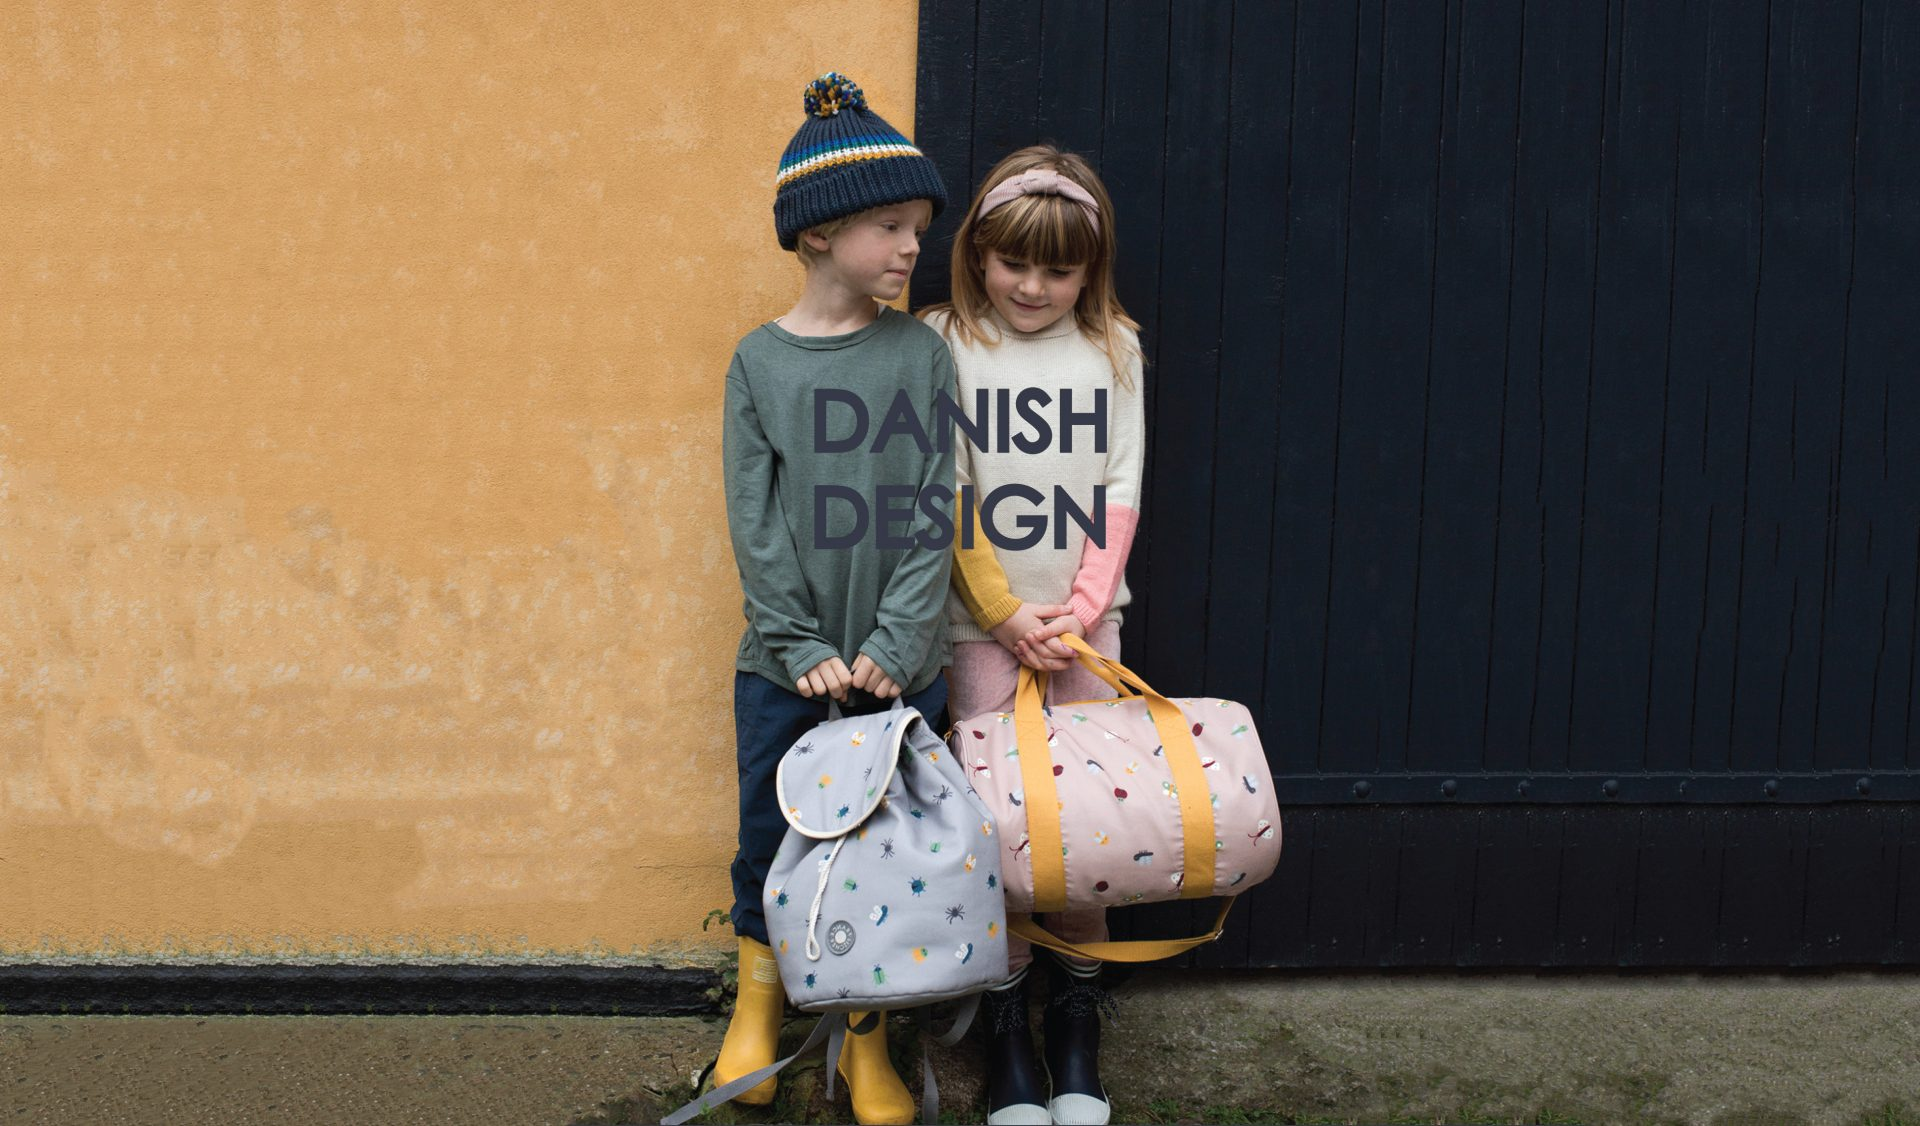 C2 DANISH DESIGN Børn med tasker